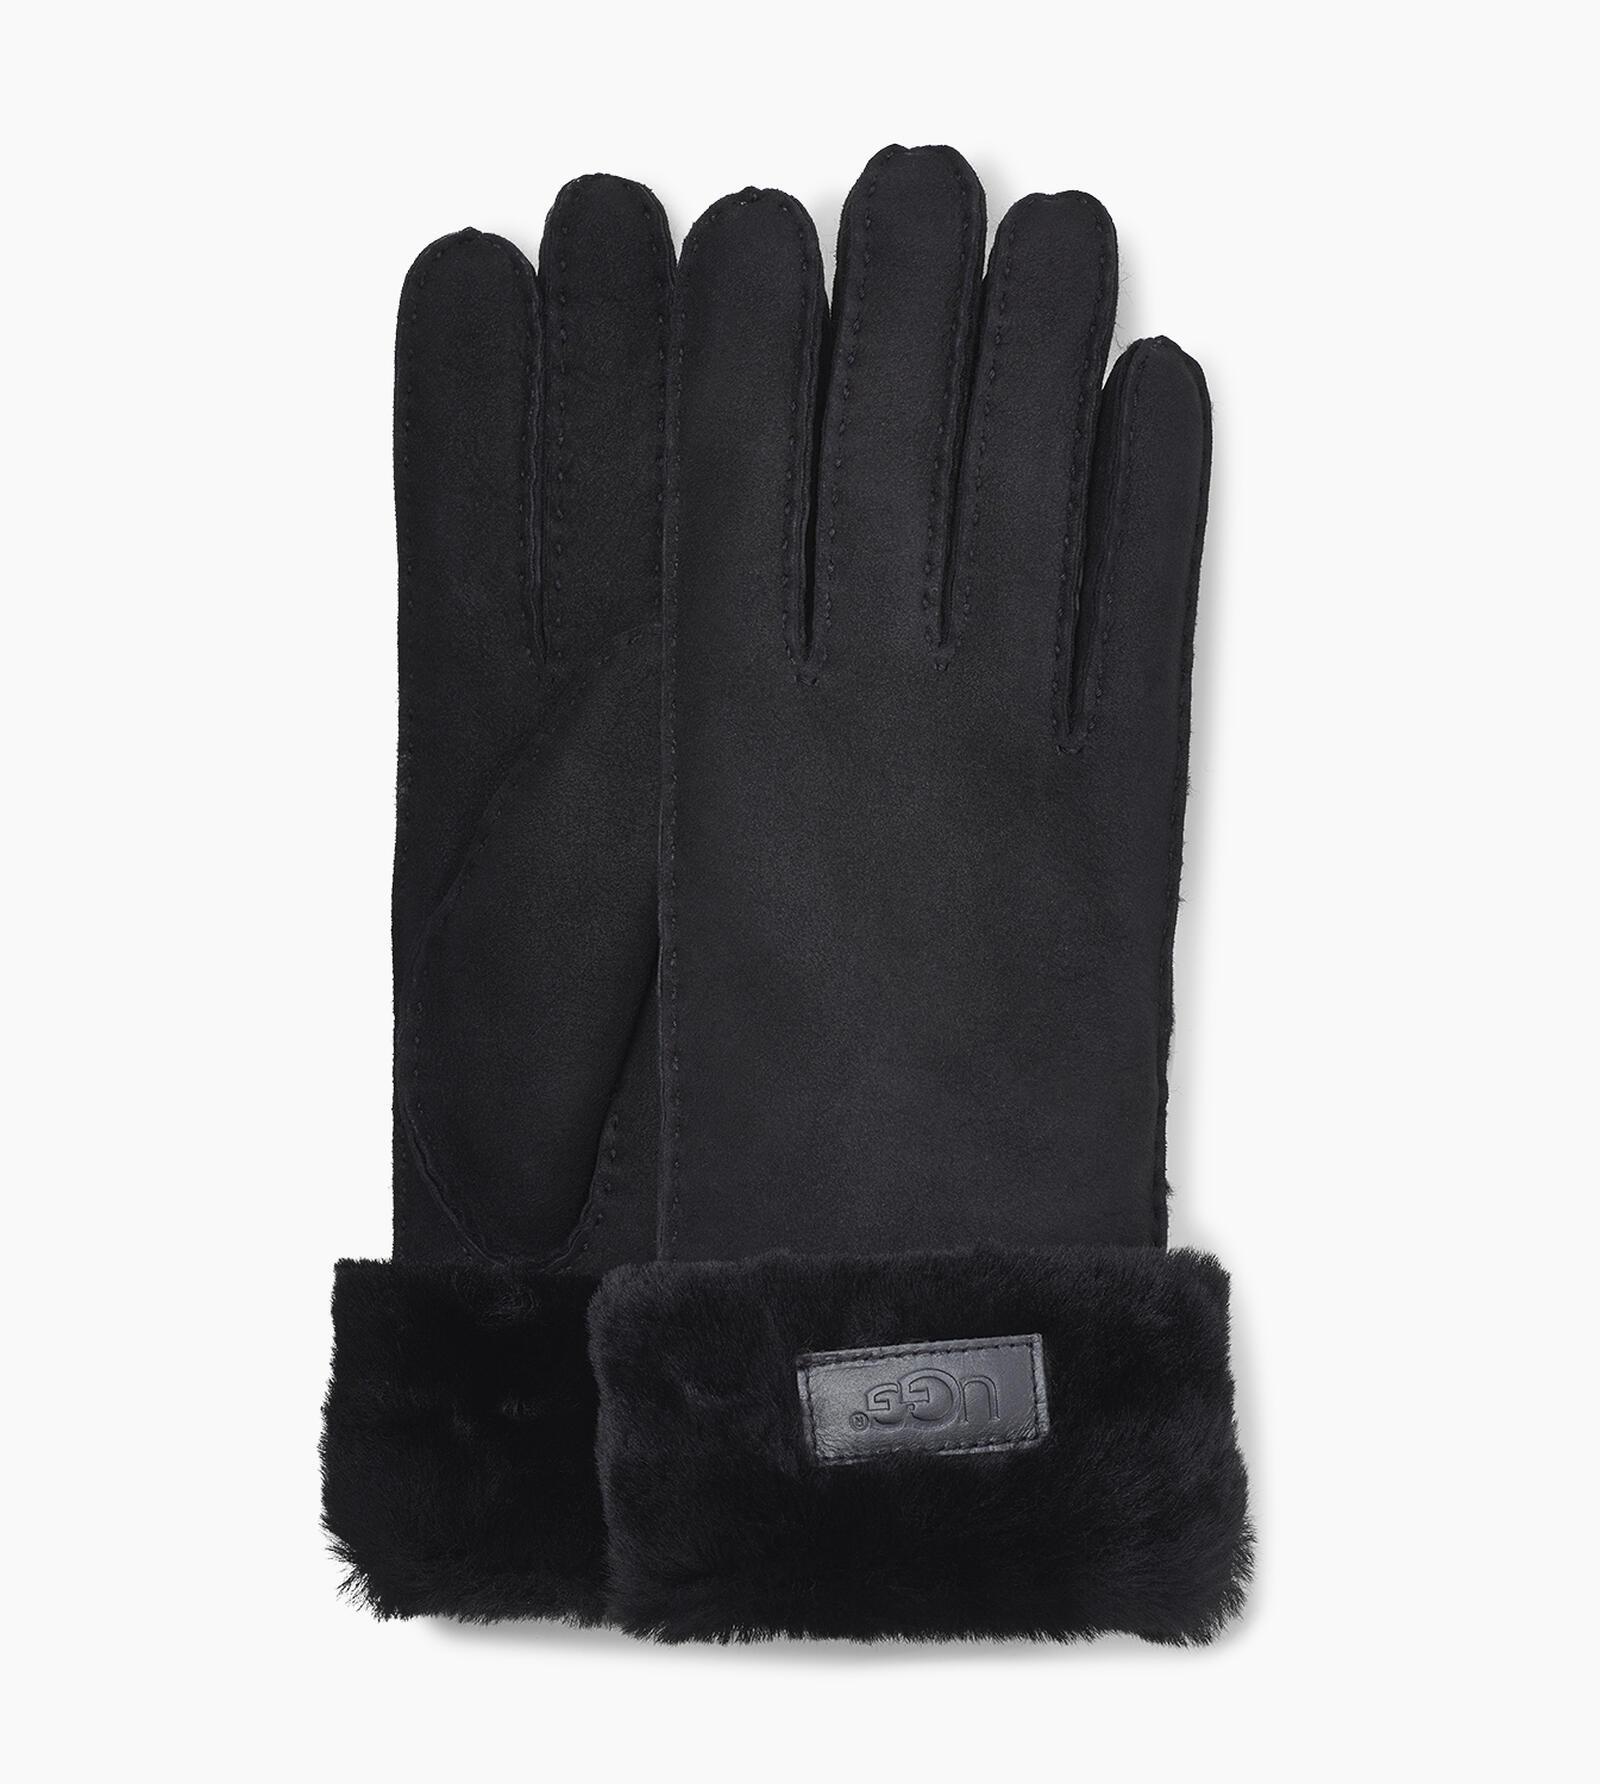 Turn Cuff Glove